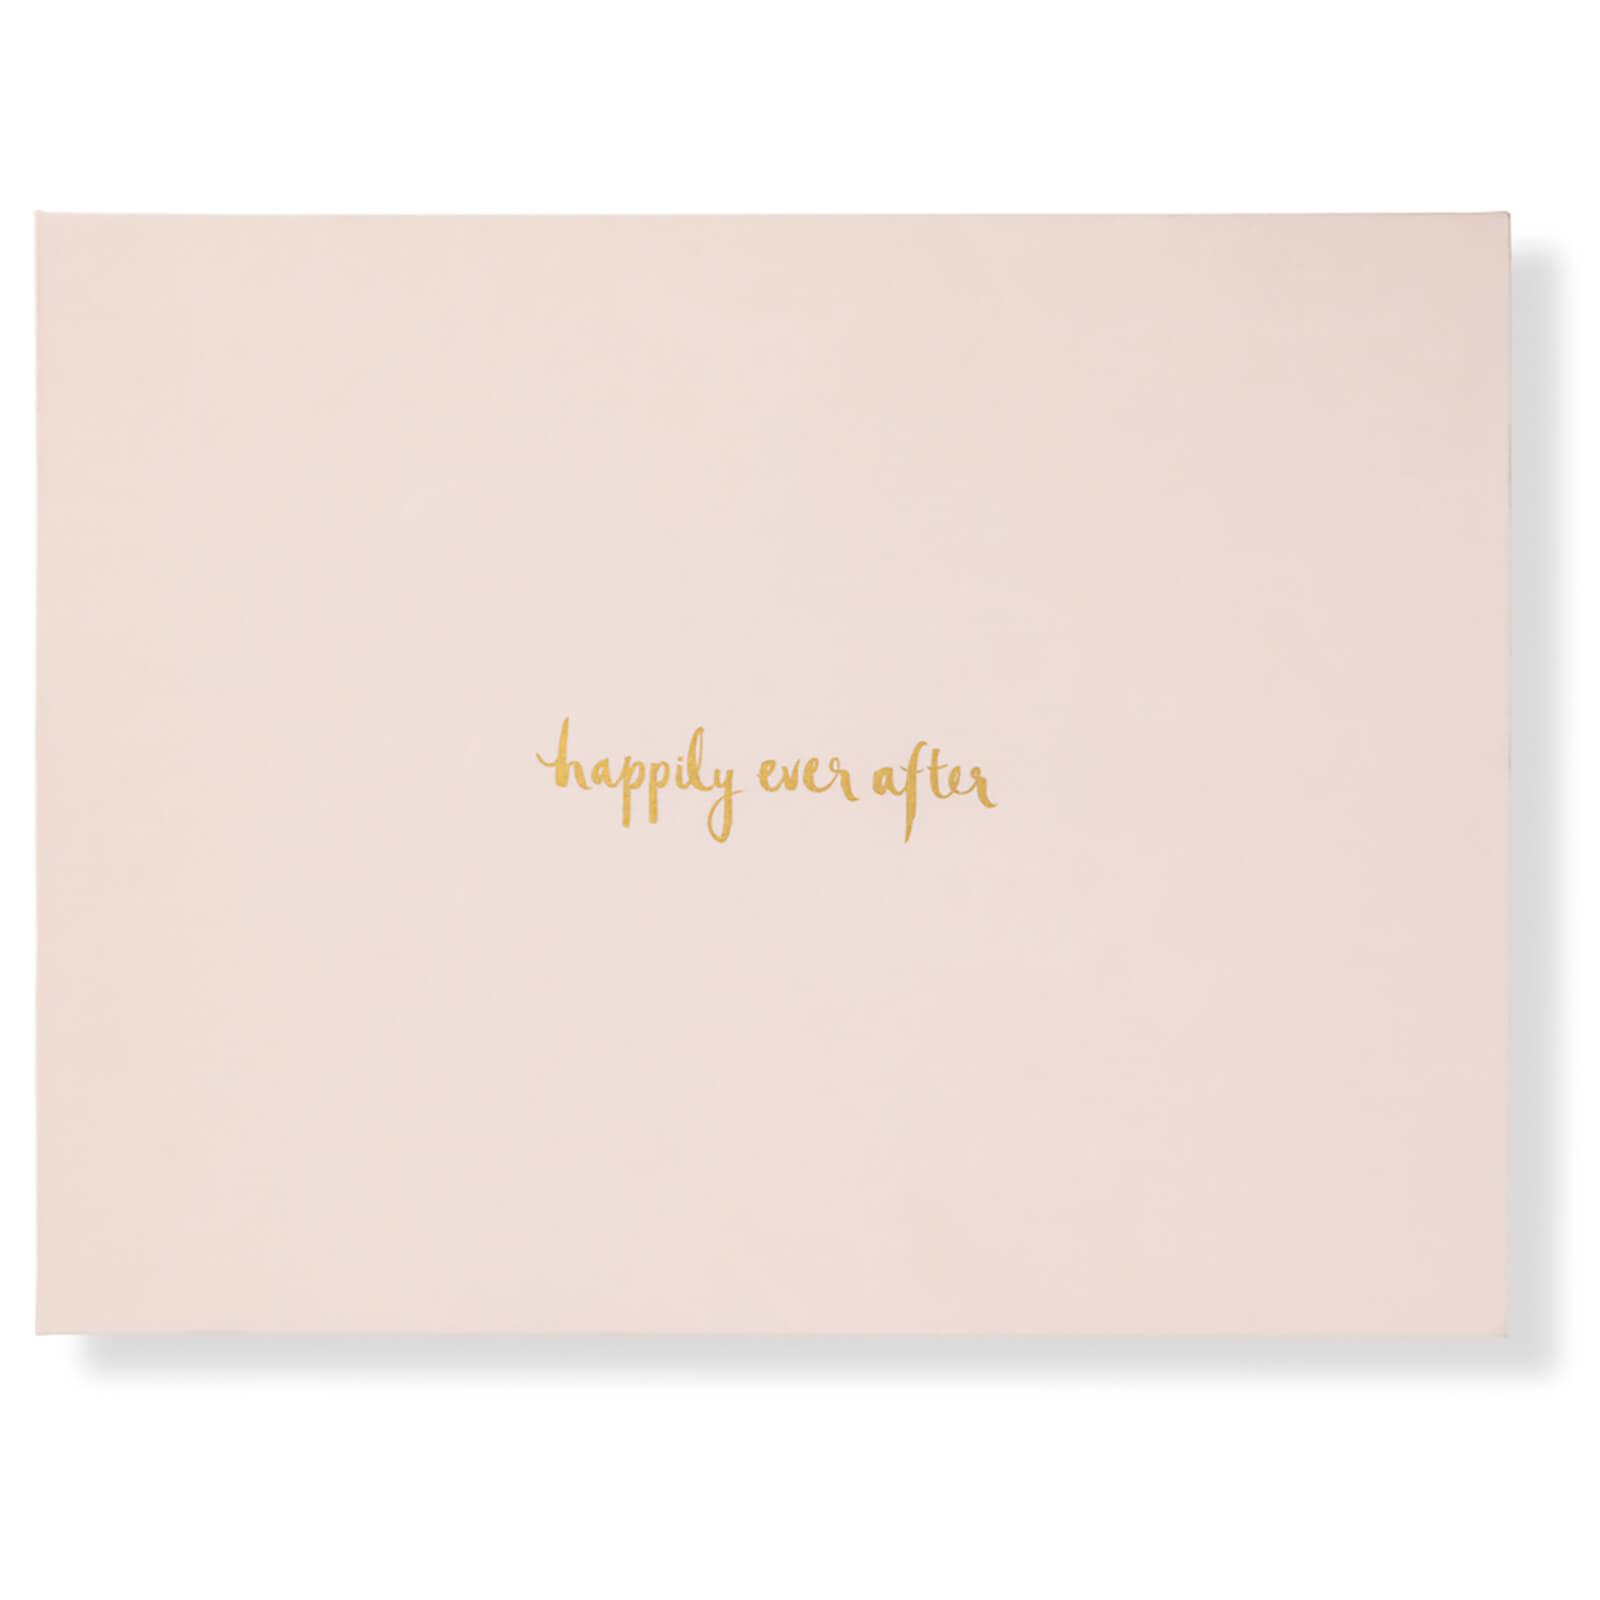 Kate Spade New York Kate Spade Bridal Thank You Kit with Keepsake Box - Blushing Floral